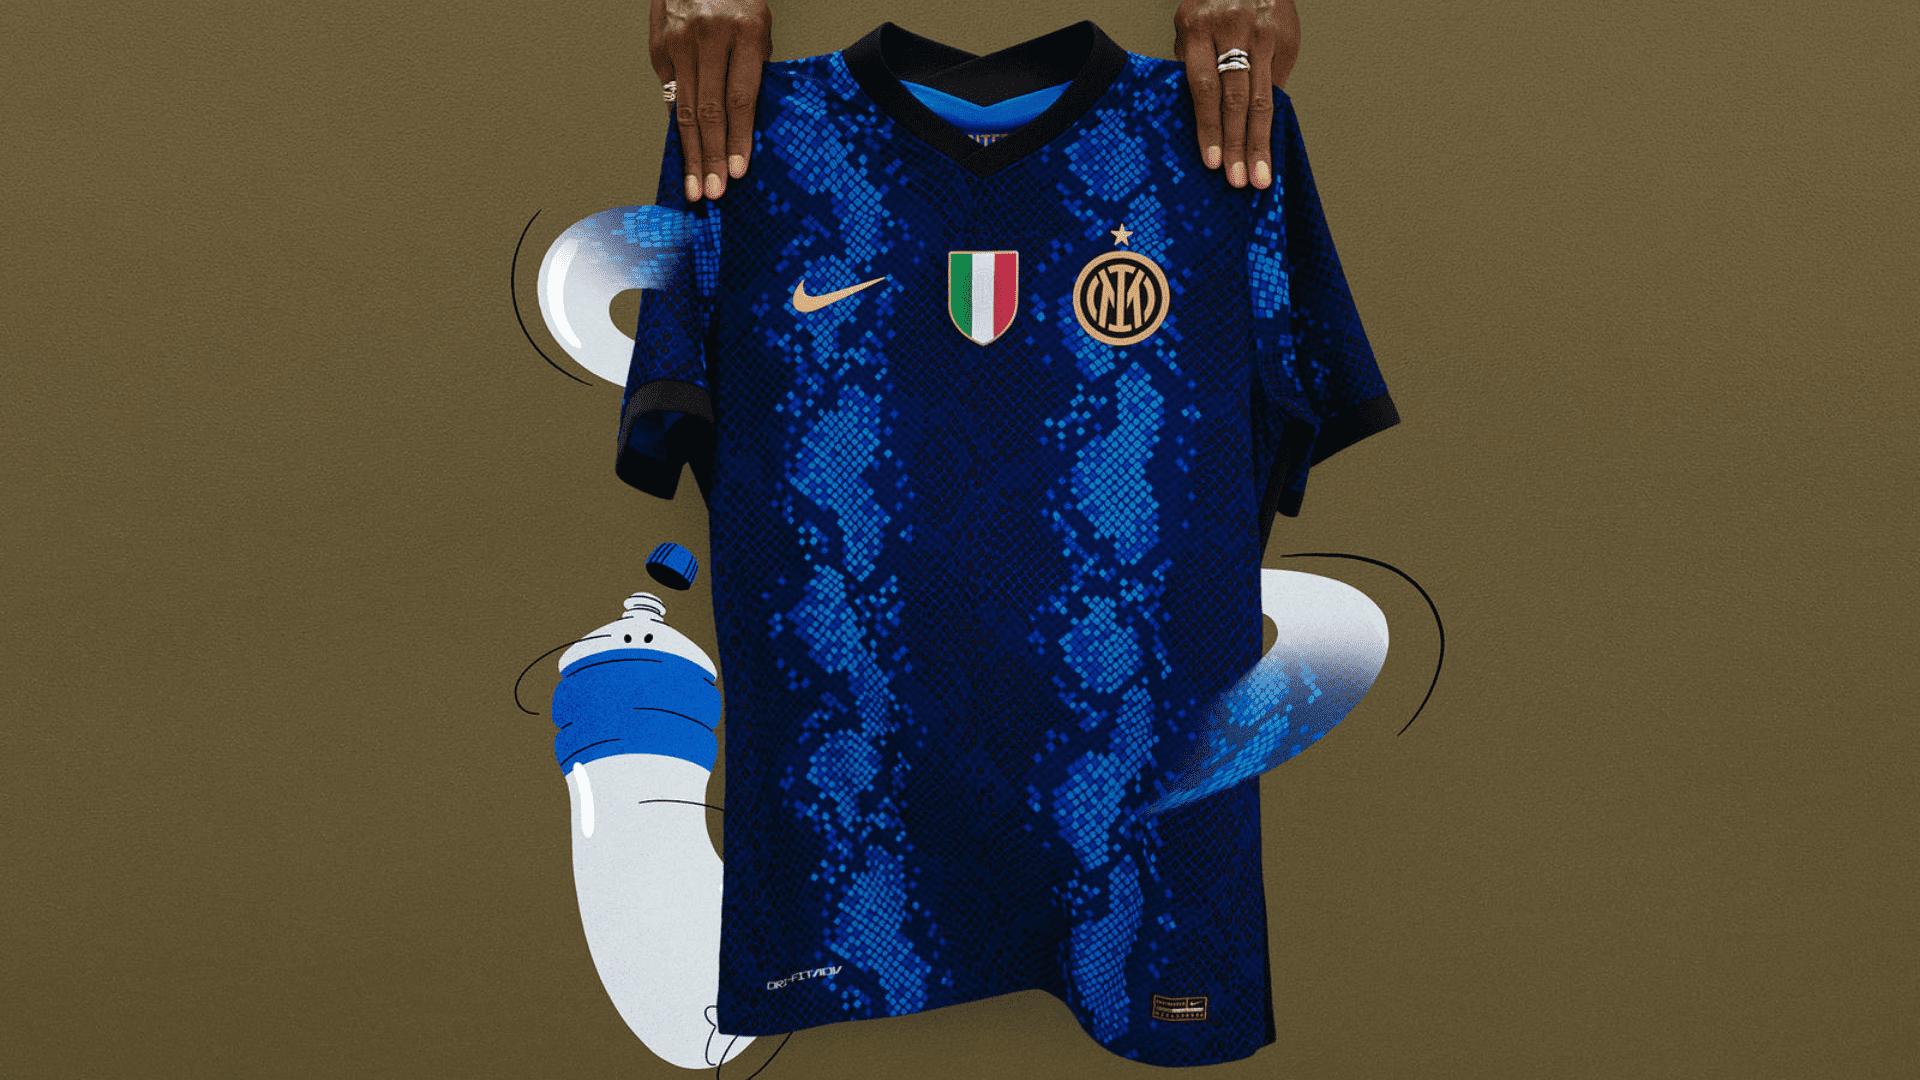 Conheça os modelos de camisa da Inter de Milão para comprar em 2021! (Imagem: Divulgação/Nike)